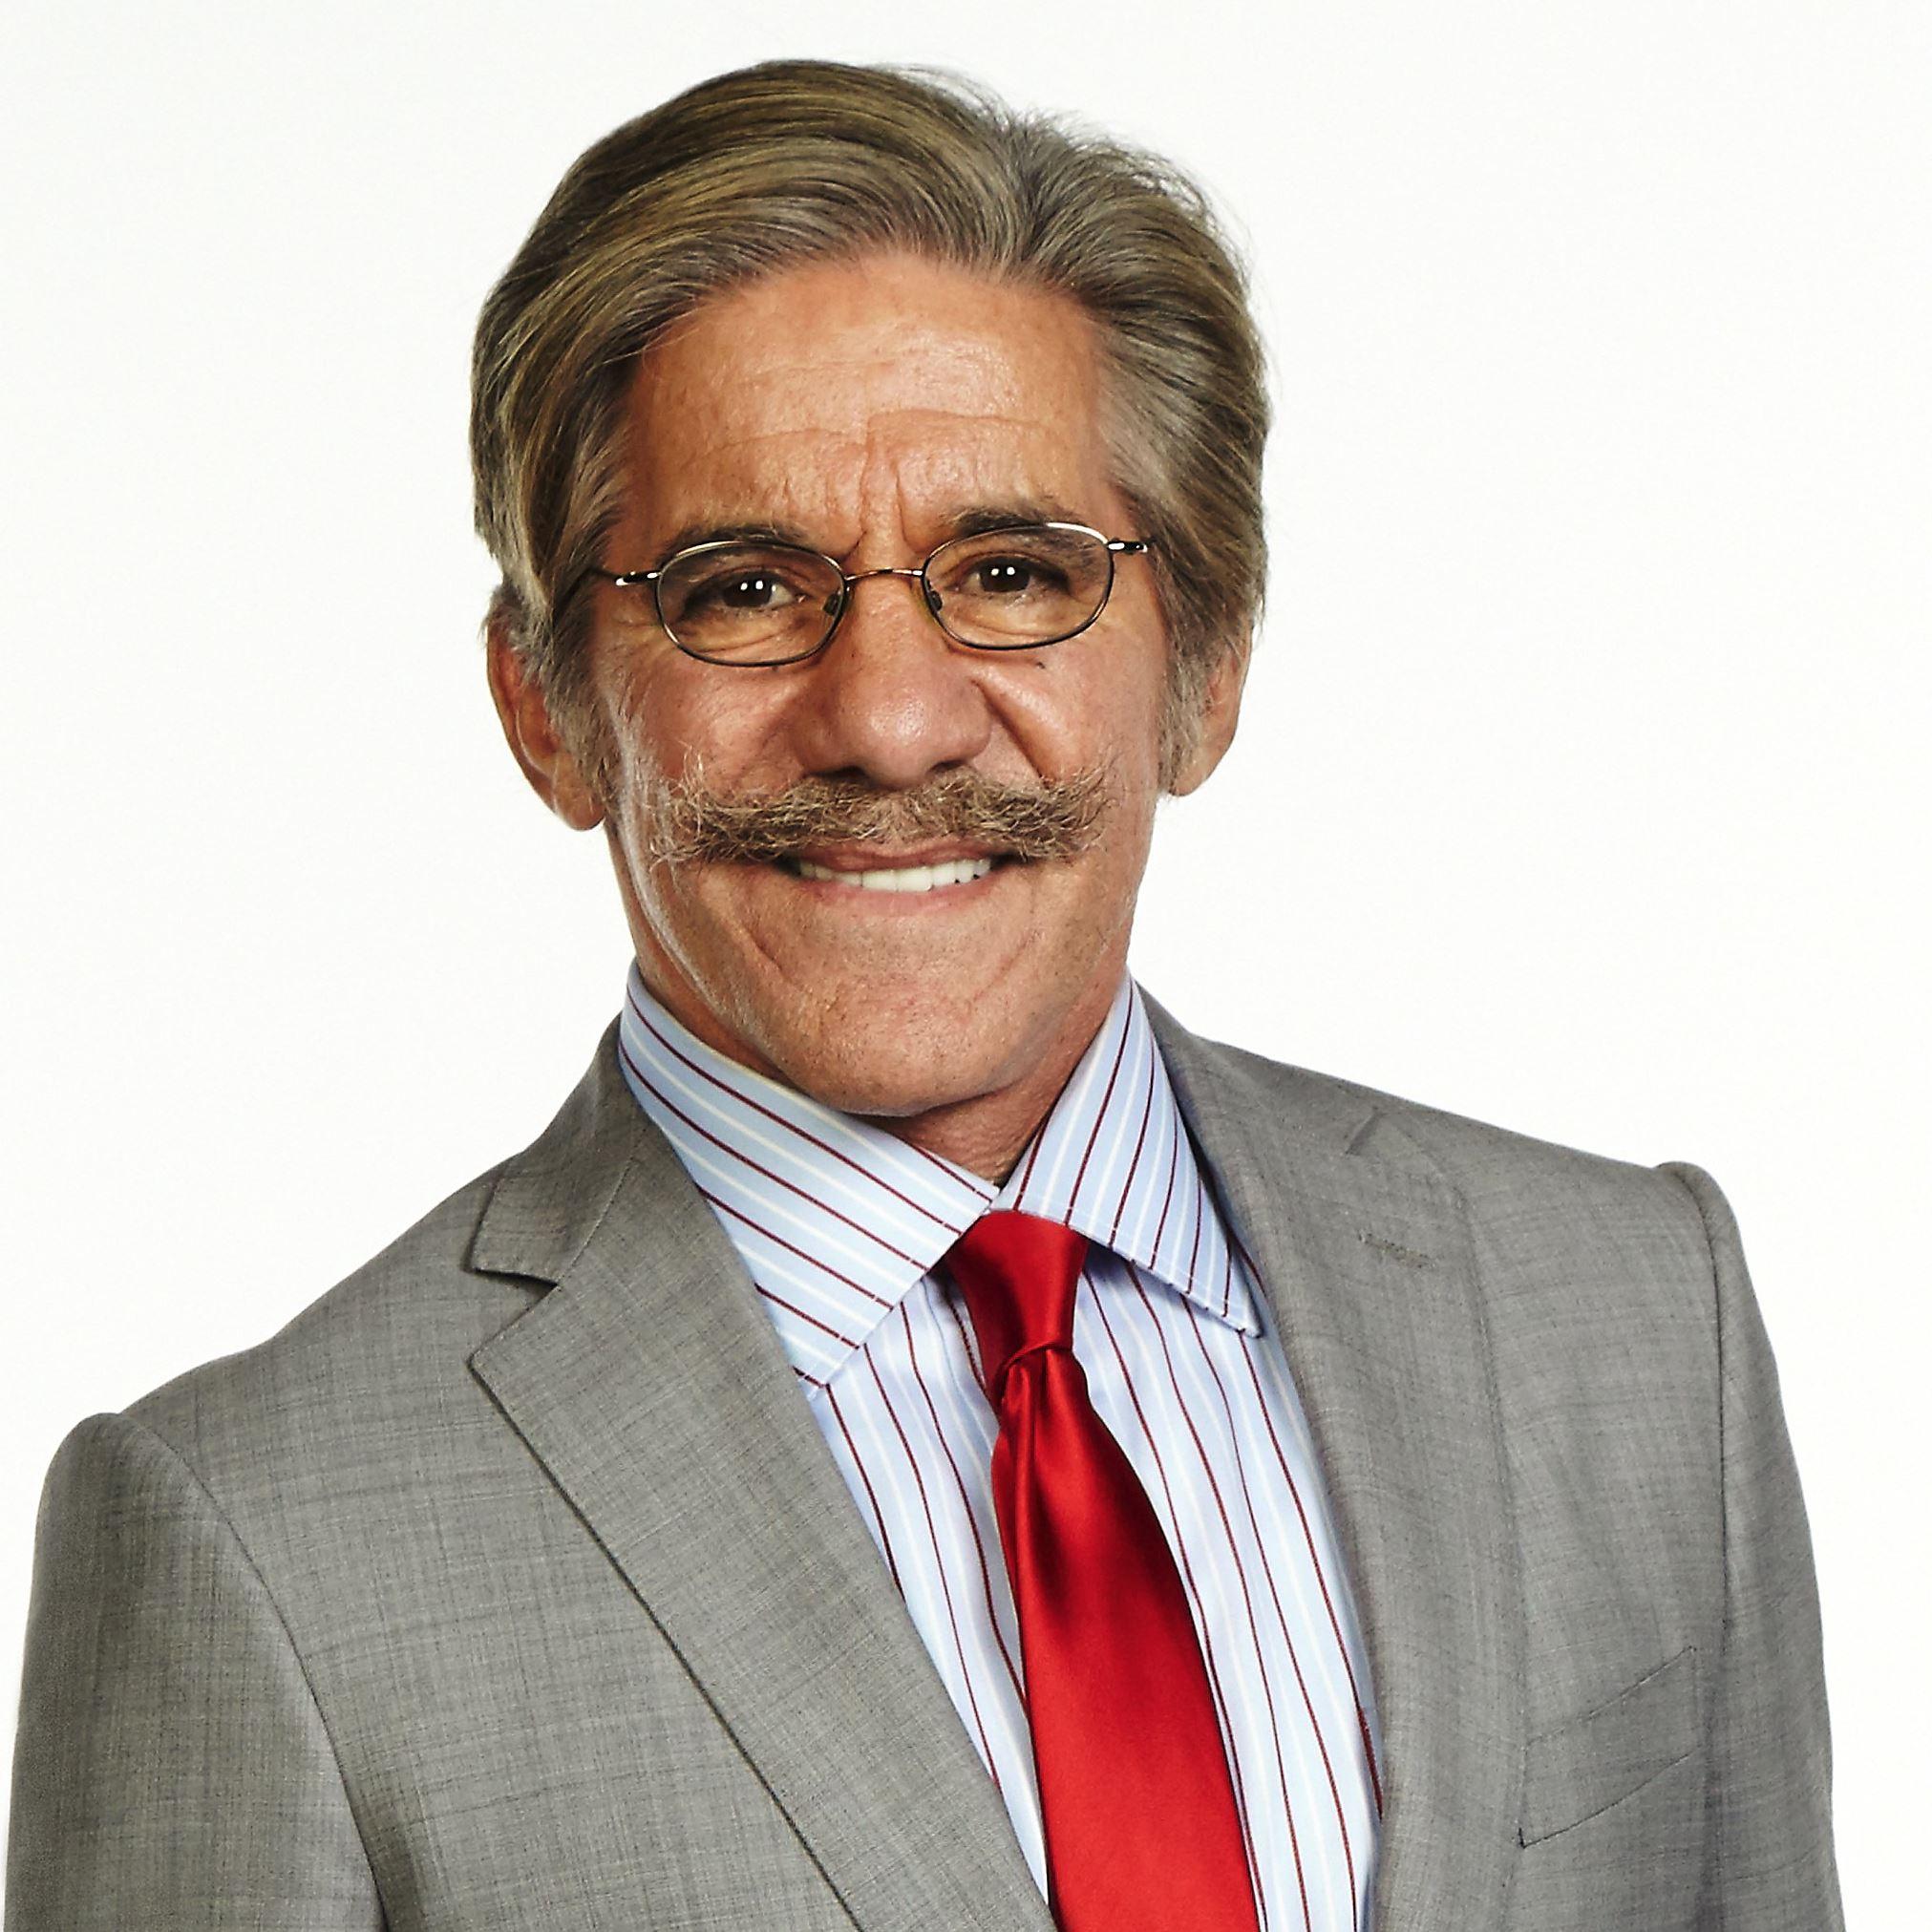 GeraldoRivera Geraldo Rivera, 71, was 26 when he started in television. - GeraldoRivera